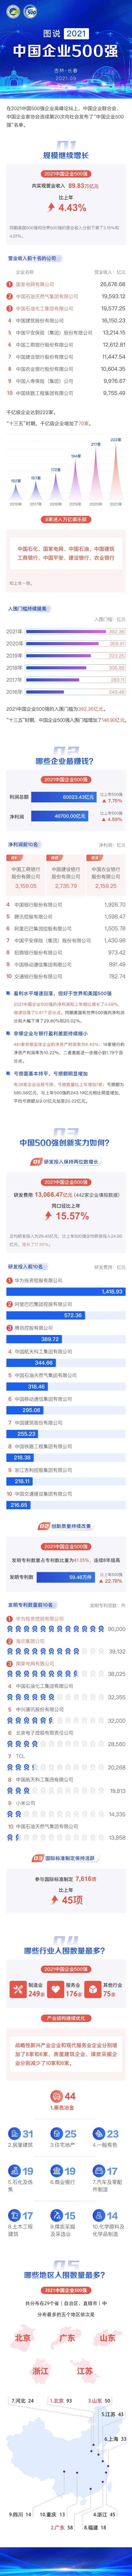 2021中国企业500强发展态势良好 千亿级企业达222家